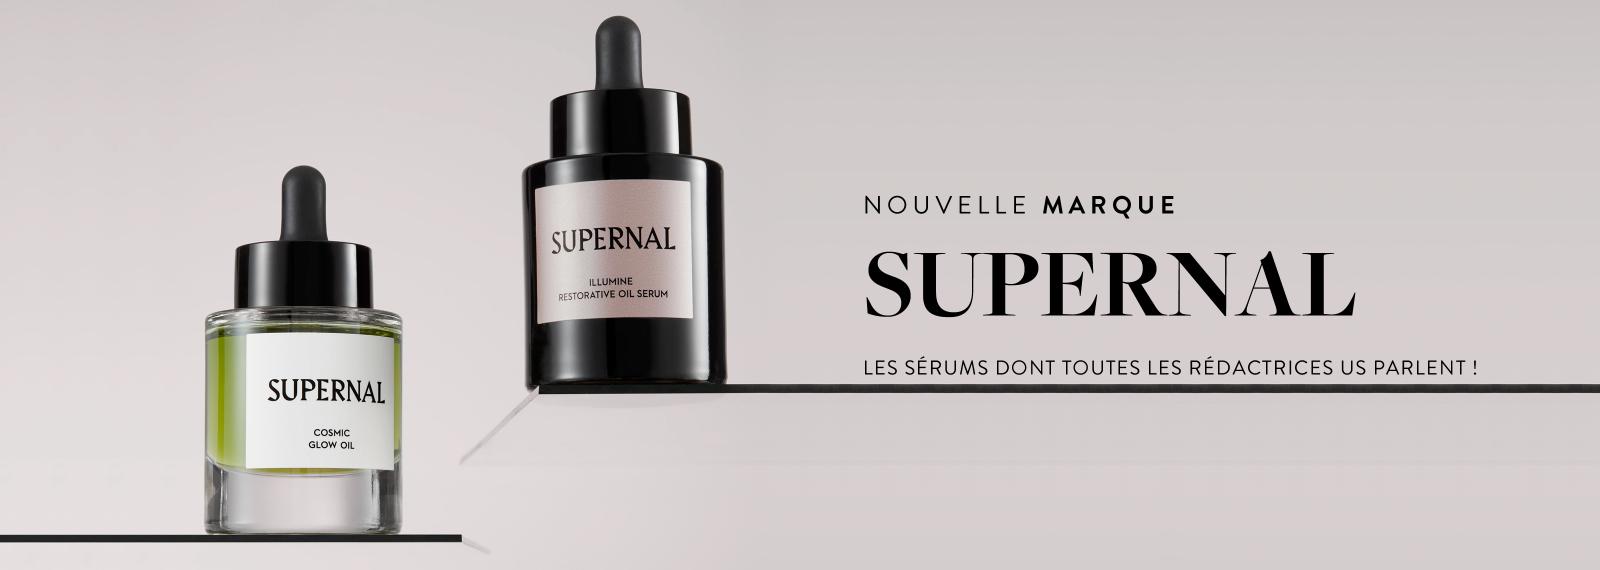 Nouvelle Marque - SUPERNAL